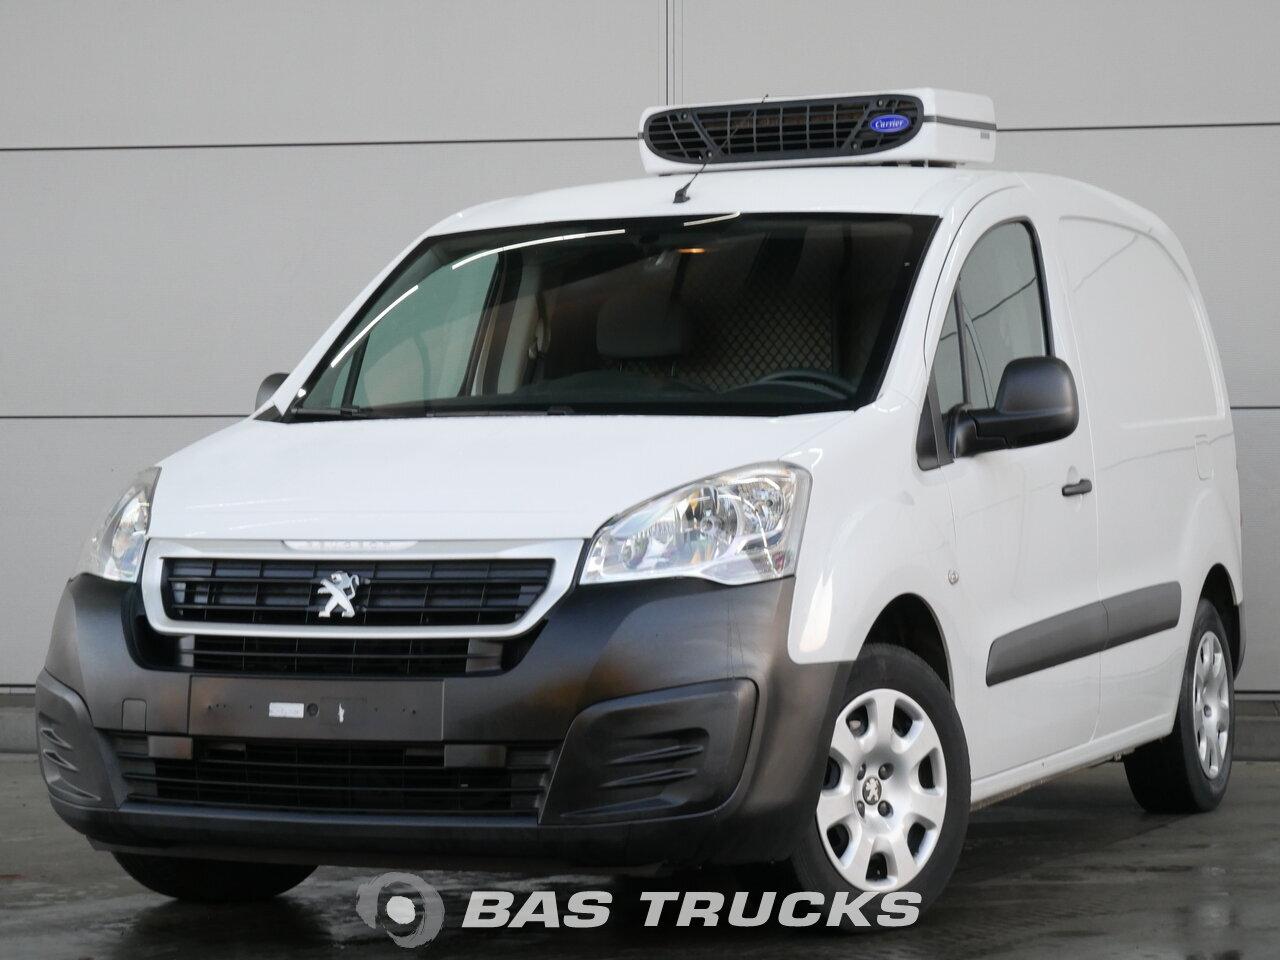 peugeot partner light commercial vehicle bas trucks. Black Bedroom Furniture Sets. Home Design Ideas